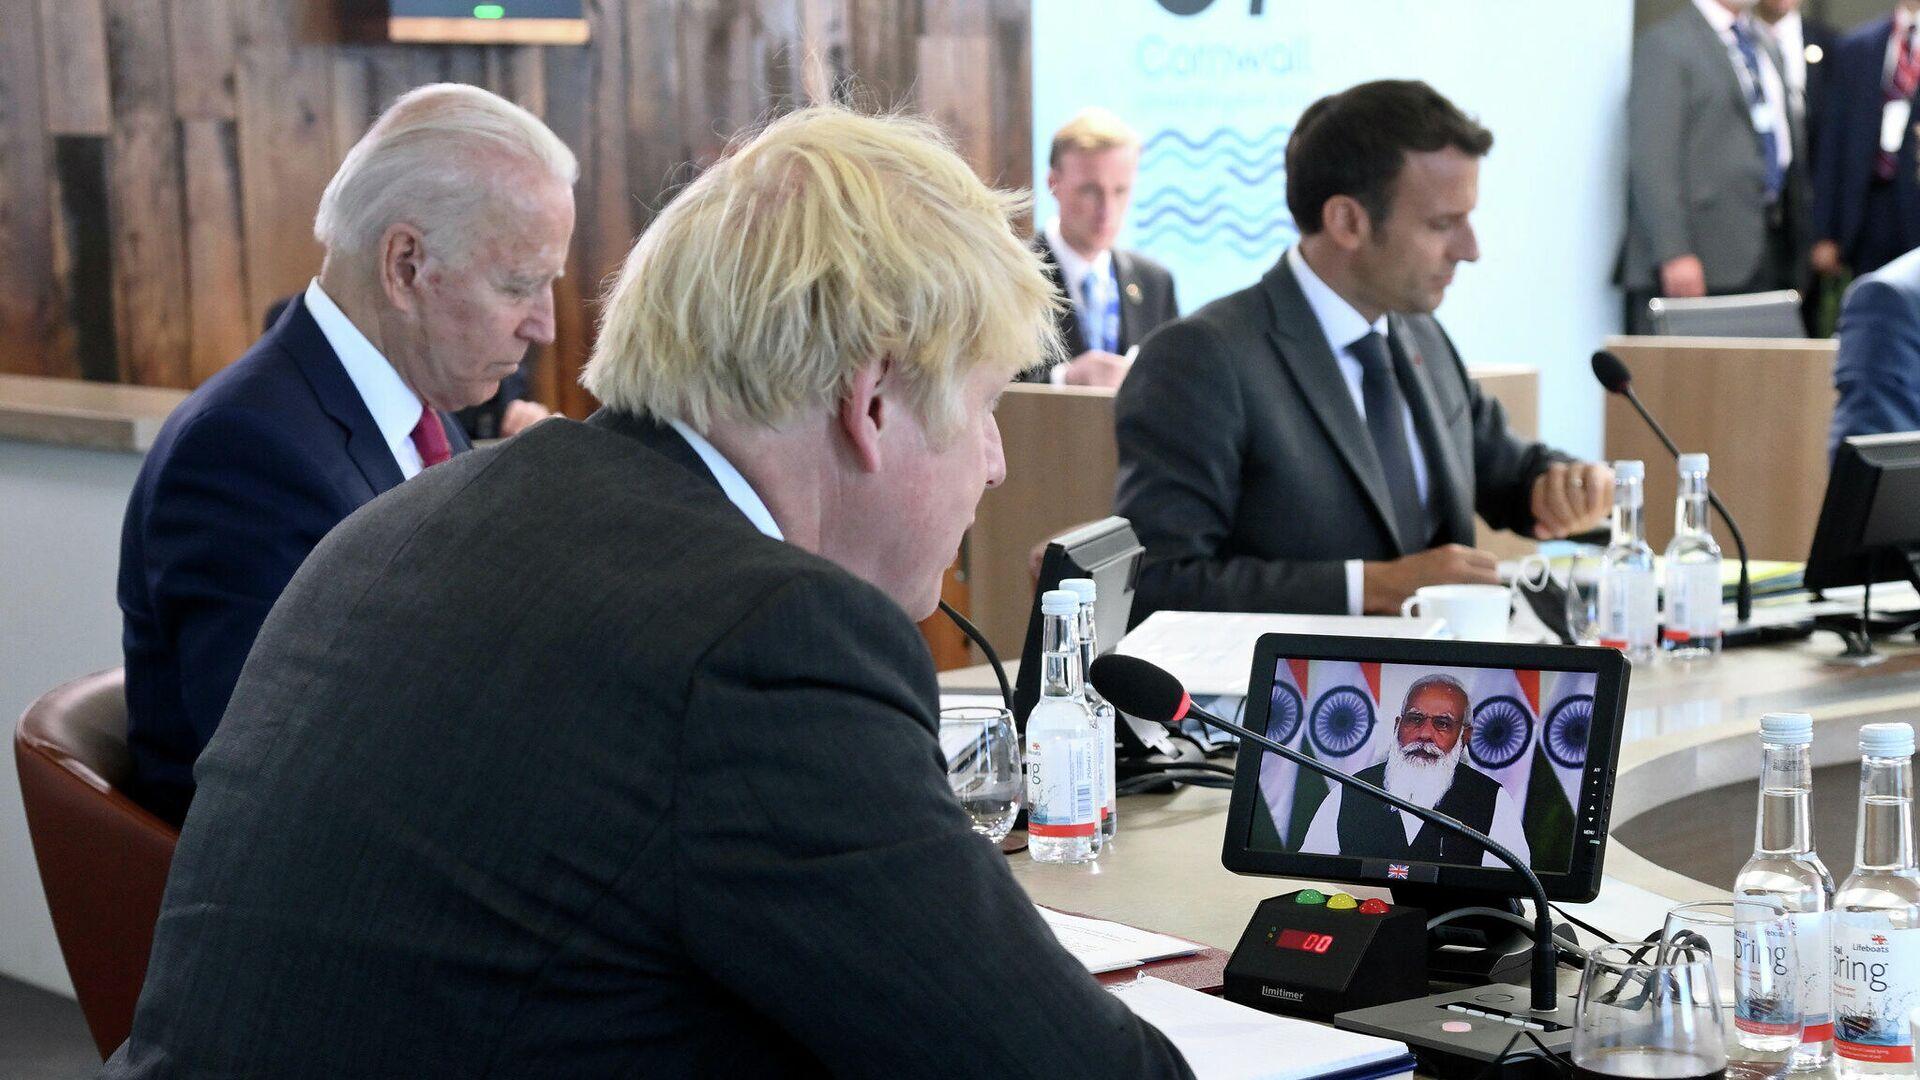 Macron e Biden al G7 della Cornovaglia: insieme a loro il premier britannico Johnson - Sputnik Italia, 1920, 12.06.2021